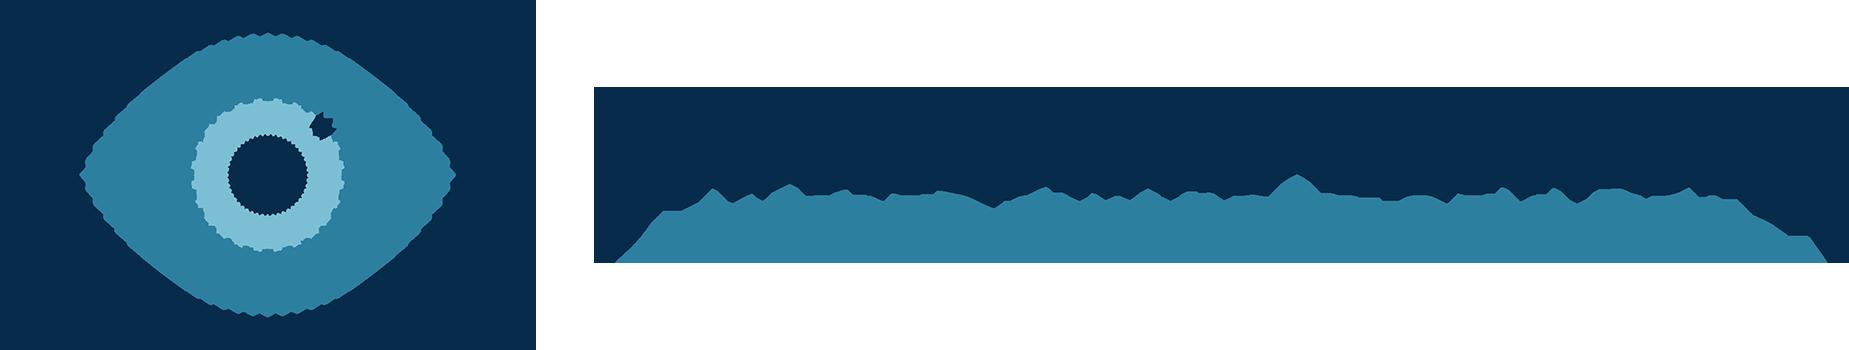 Dr. Nicasio Ventura